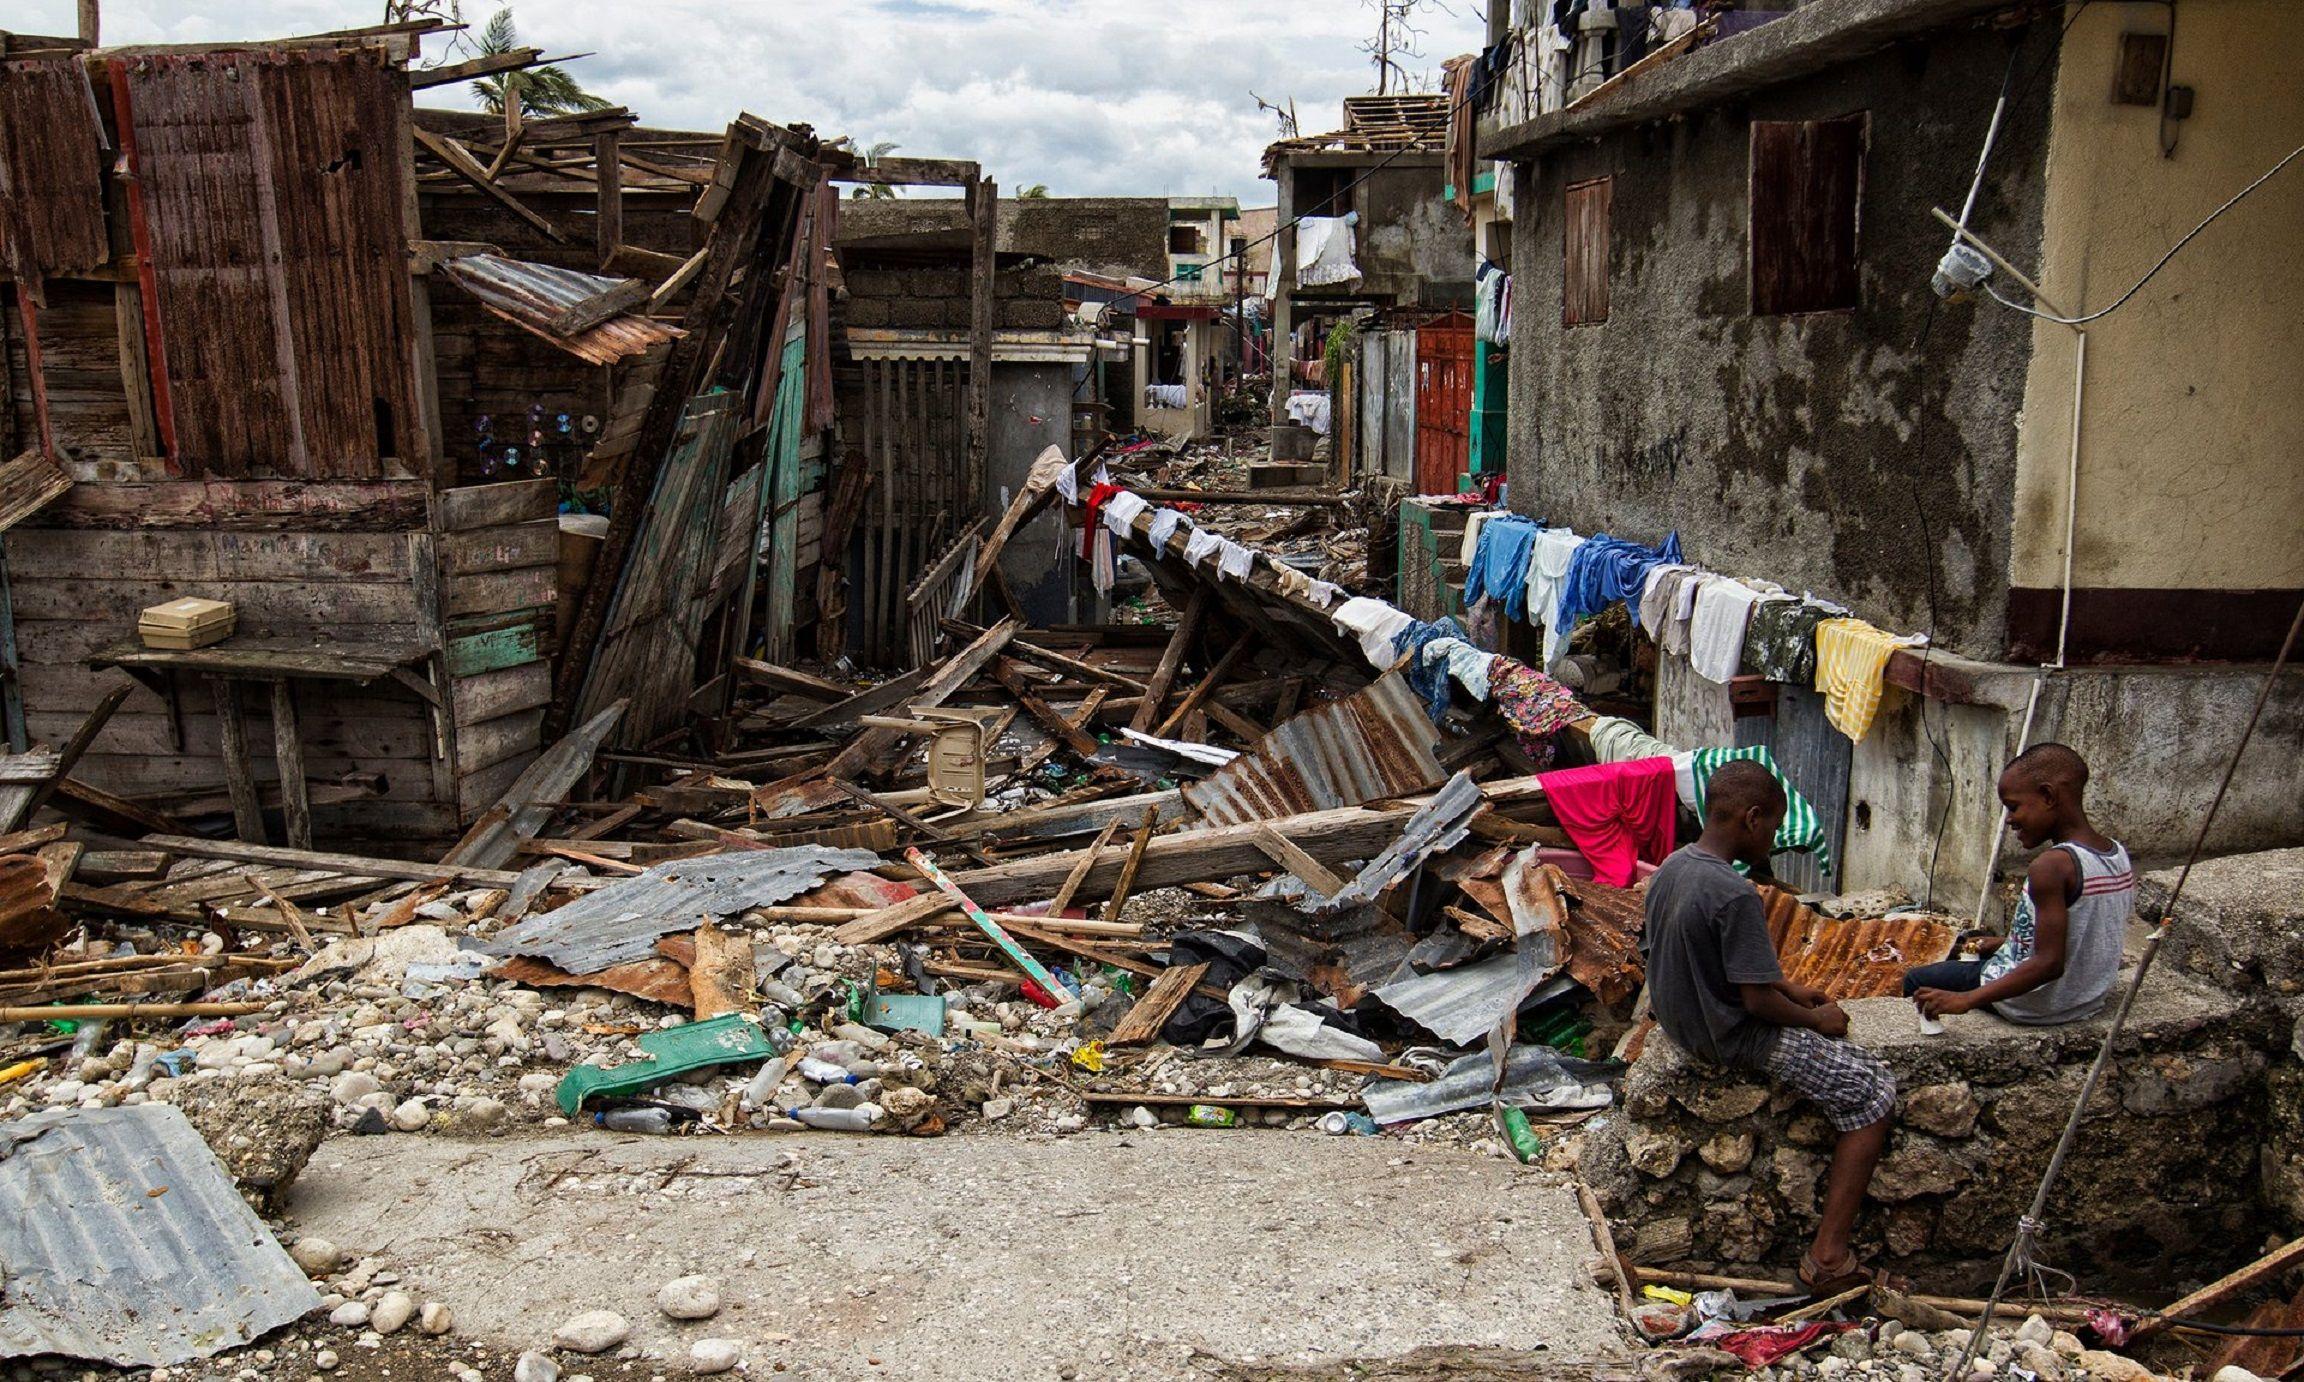 Haití, devastado por el huracán Matthew: hay más de 900 muertos